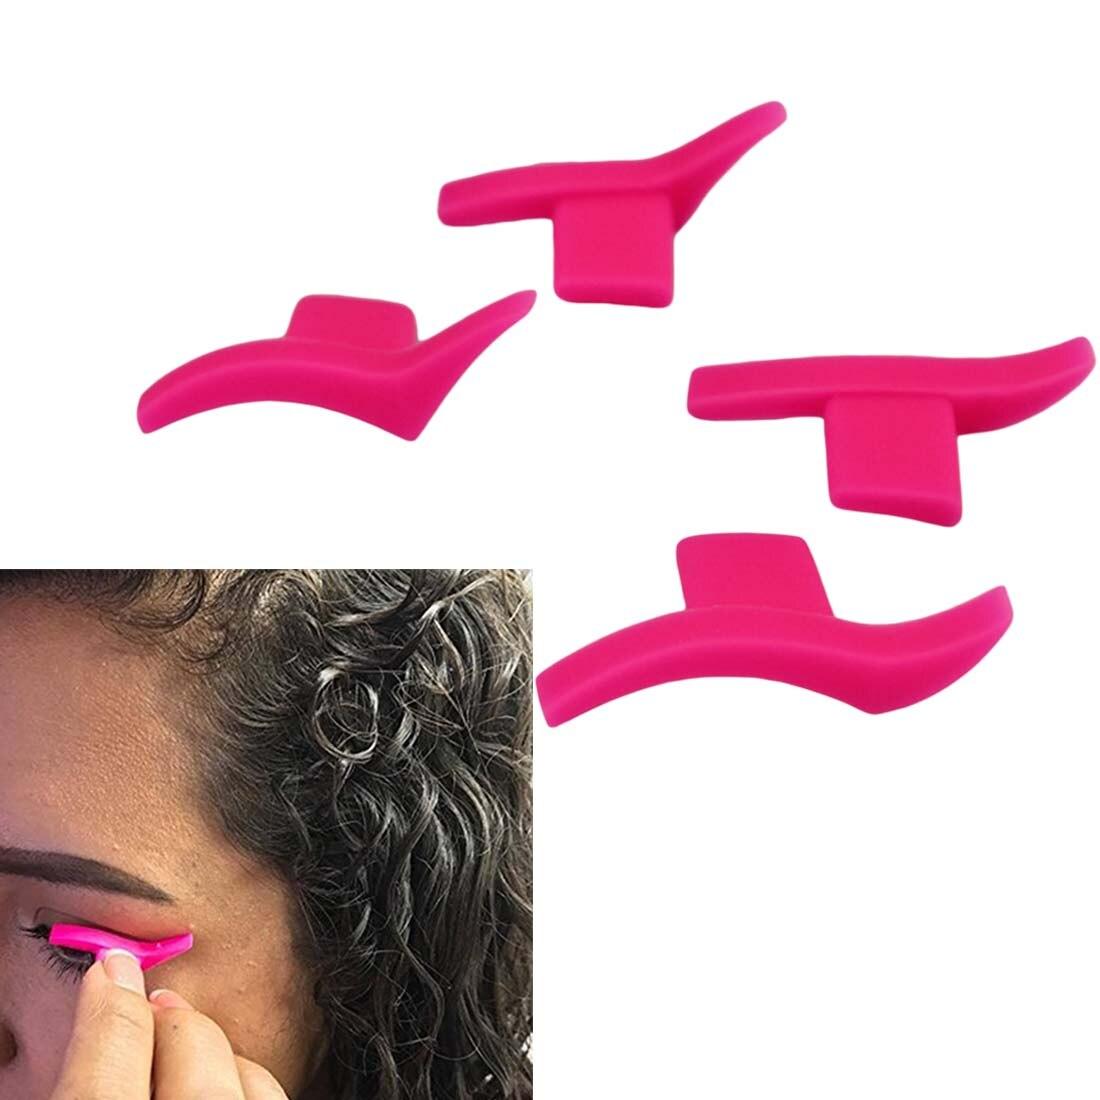 Brillo delgado diseño de ojo ala sello de cola 1 par delineador de ojos plantilla modelos de plantilla/maquillaje profesional nuevo estilo de ala/tamaño grande